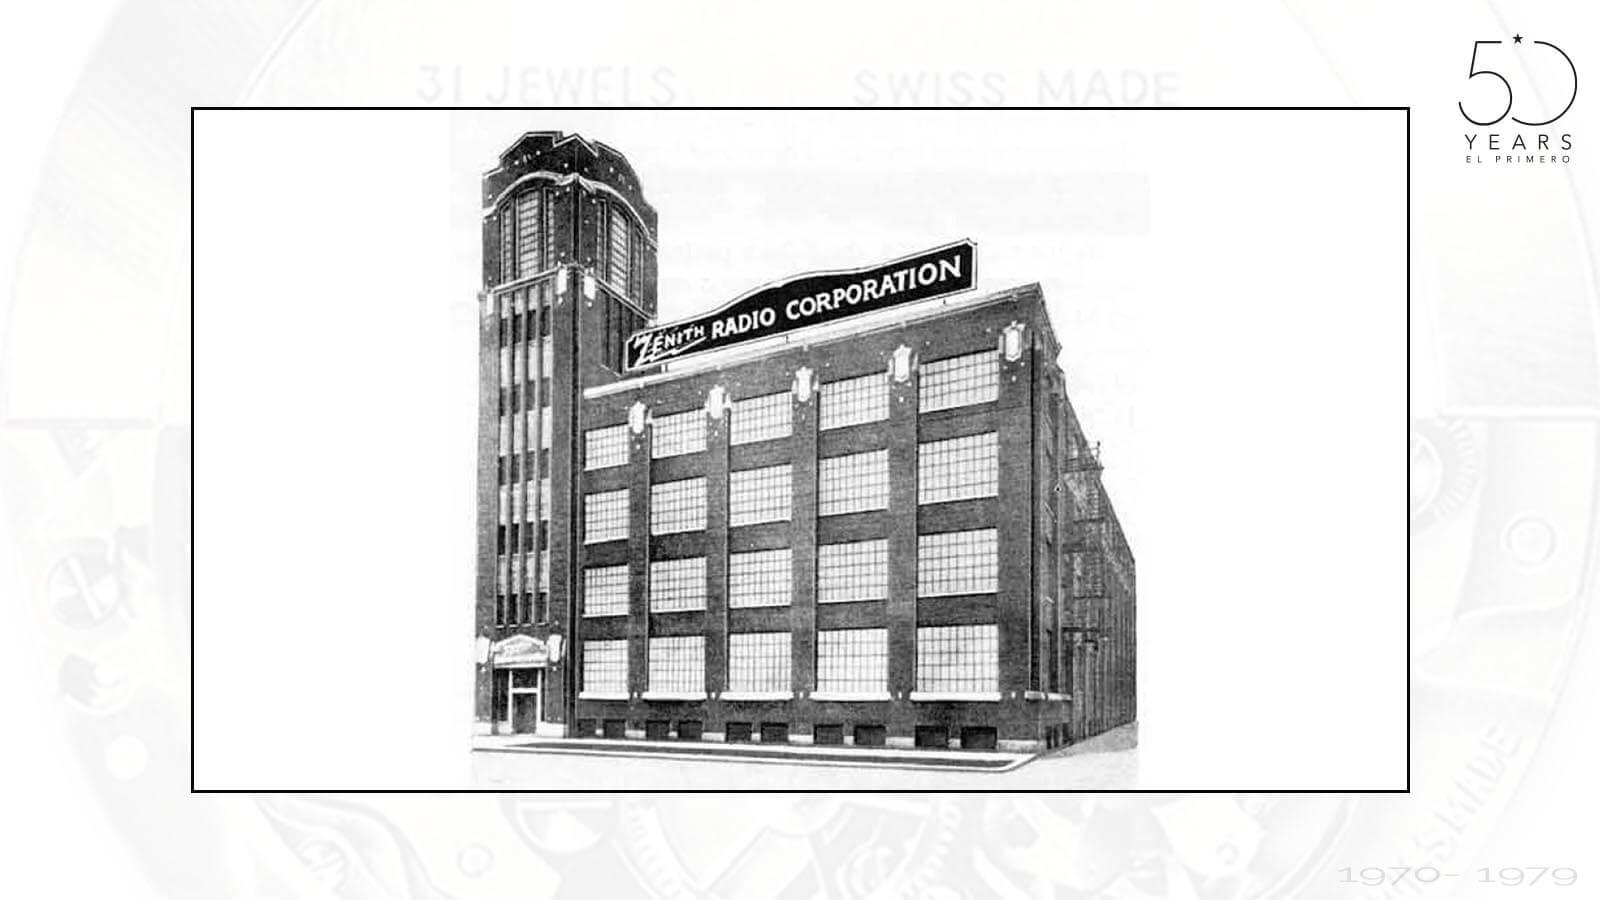 Firmengebäude der Zenith Radio Corporation in Boston